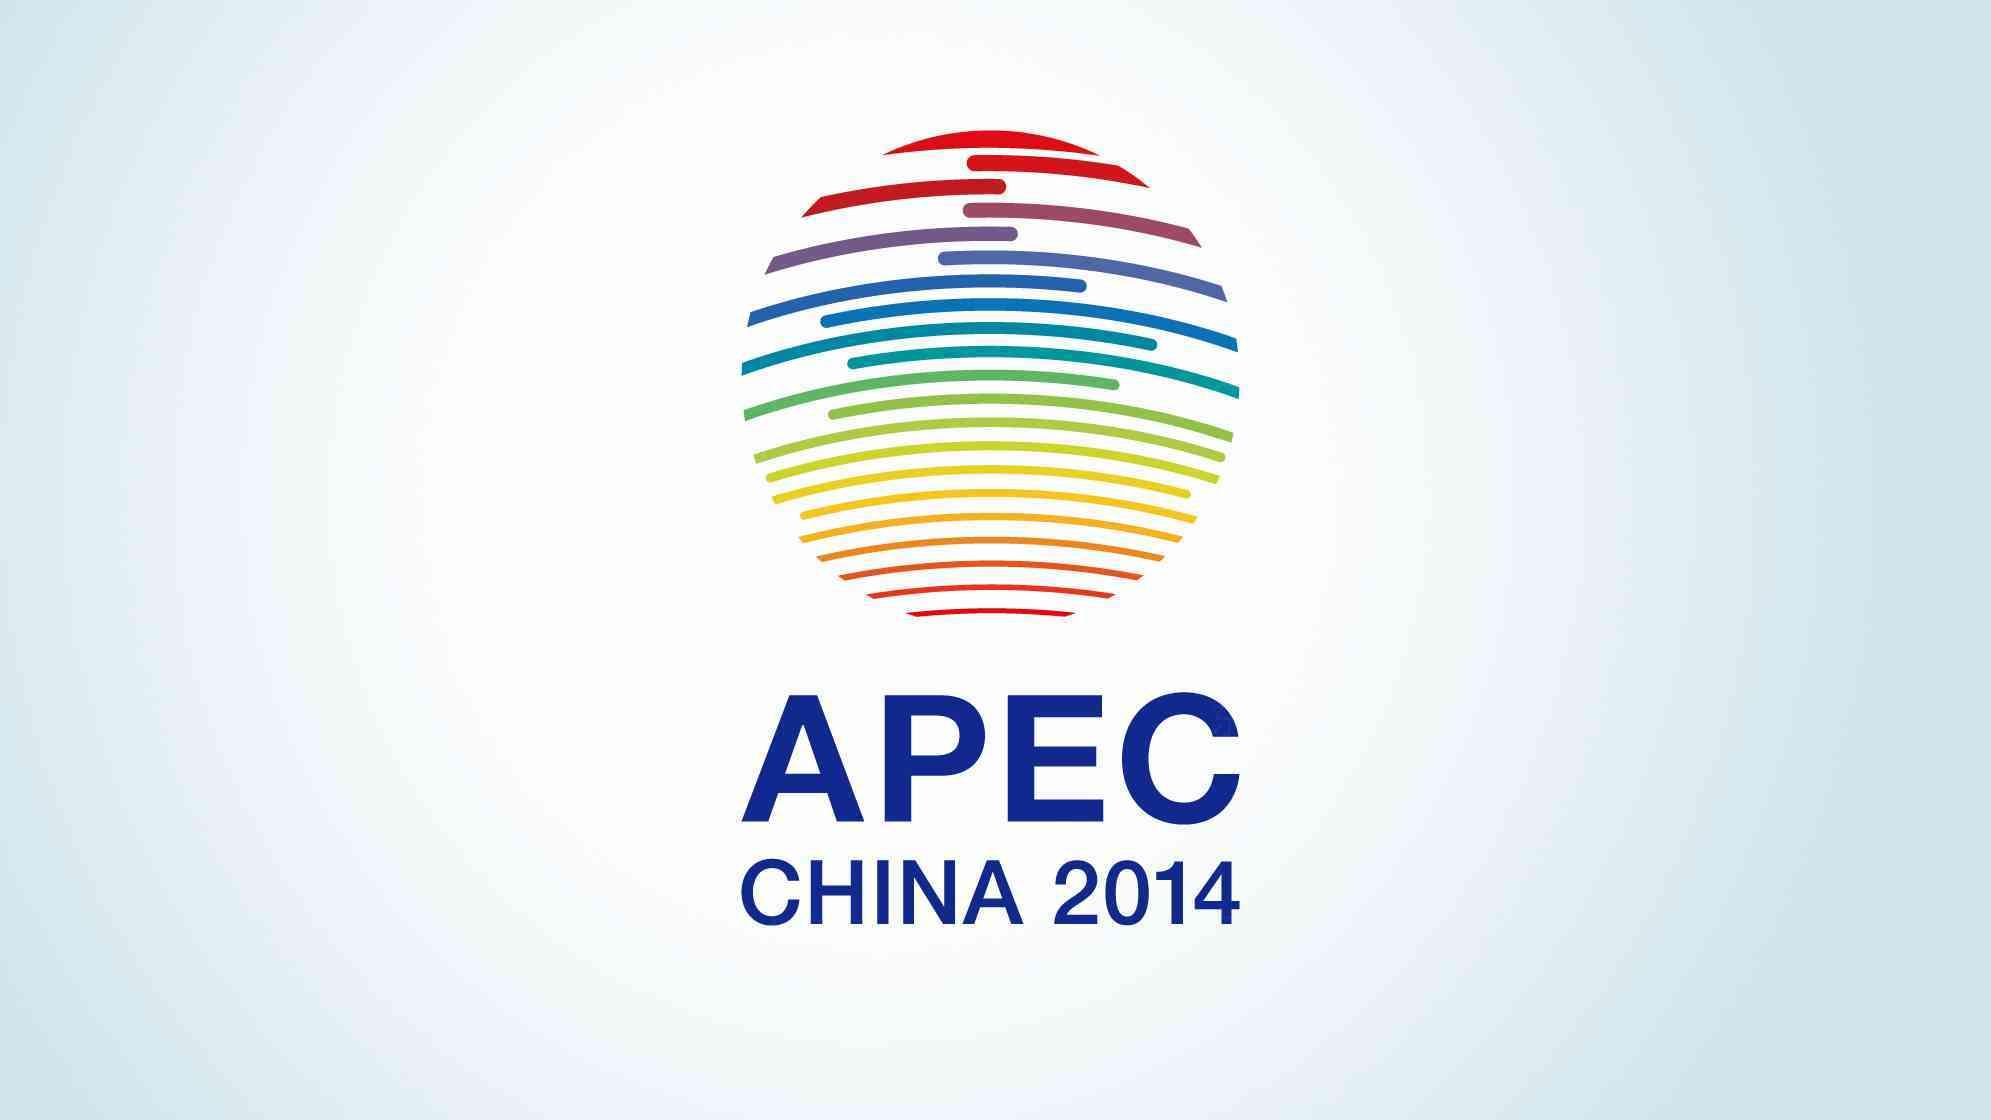 APEC會議vi設計